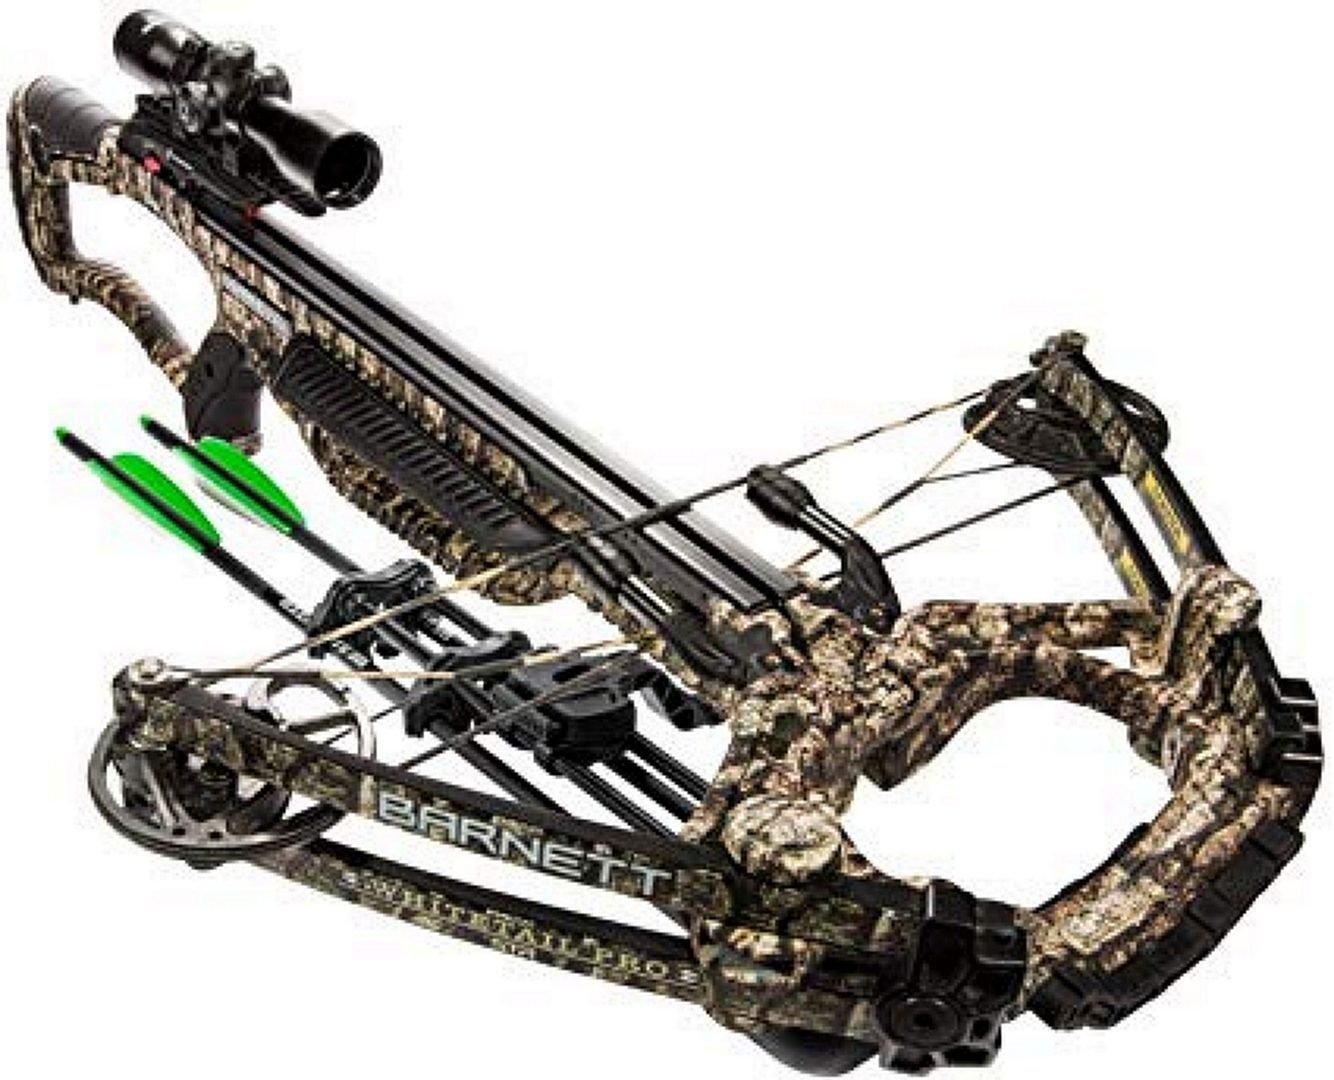 Barnet Whitetail Hunter STR Crossbow